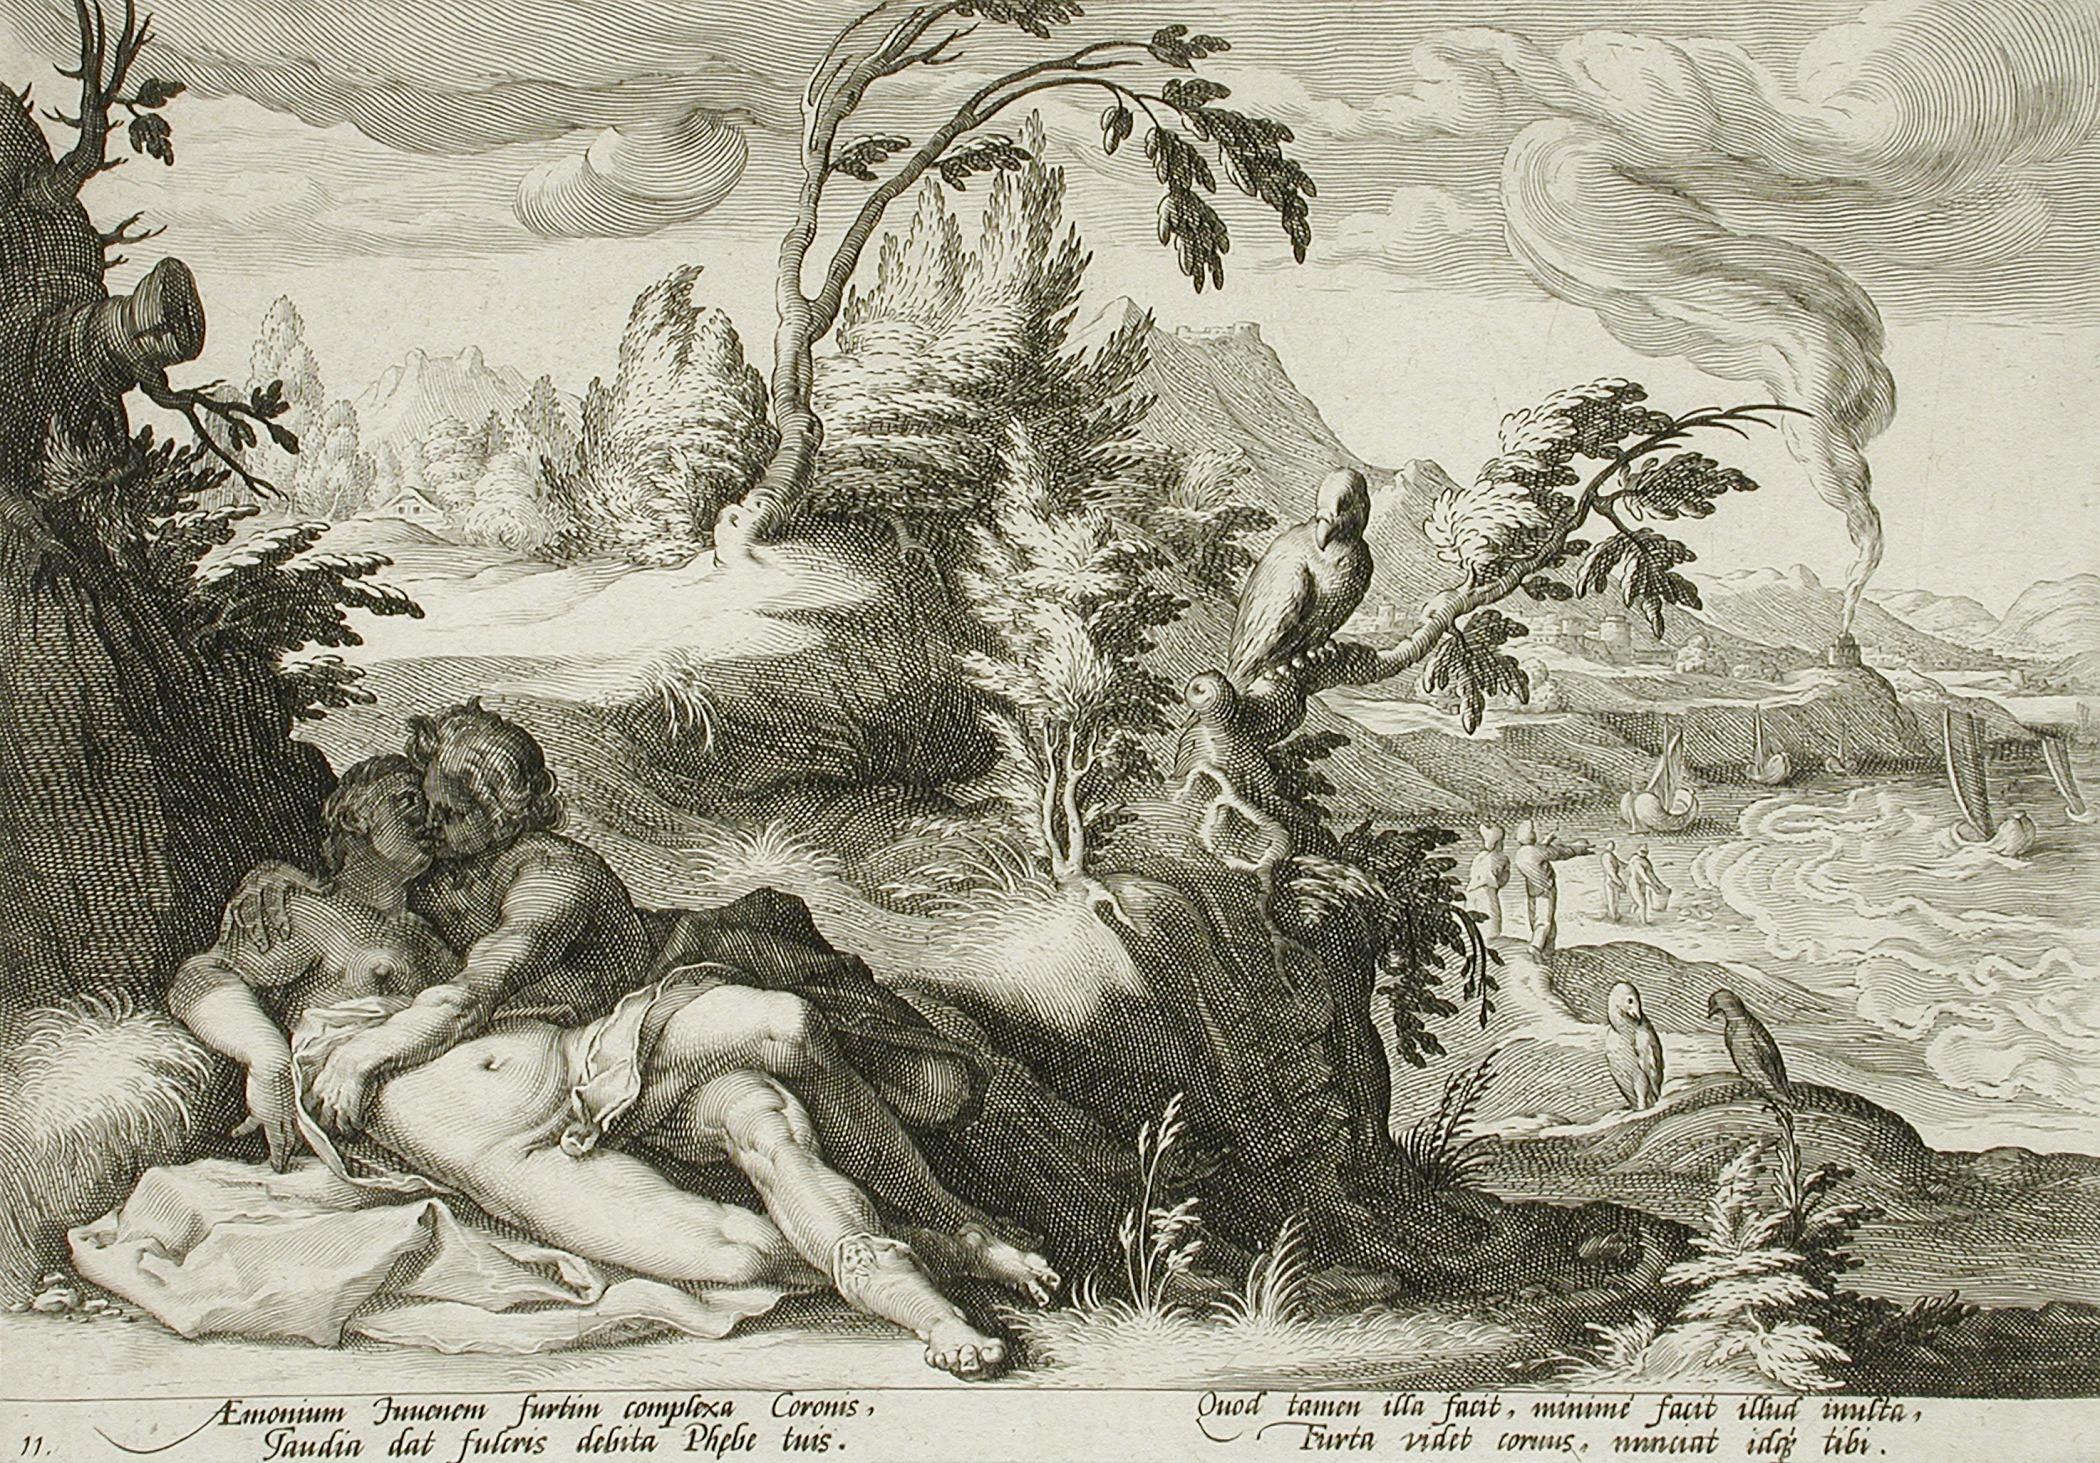 Drawn raven apollo Linnea Raven; Coronis; Lovers Palace